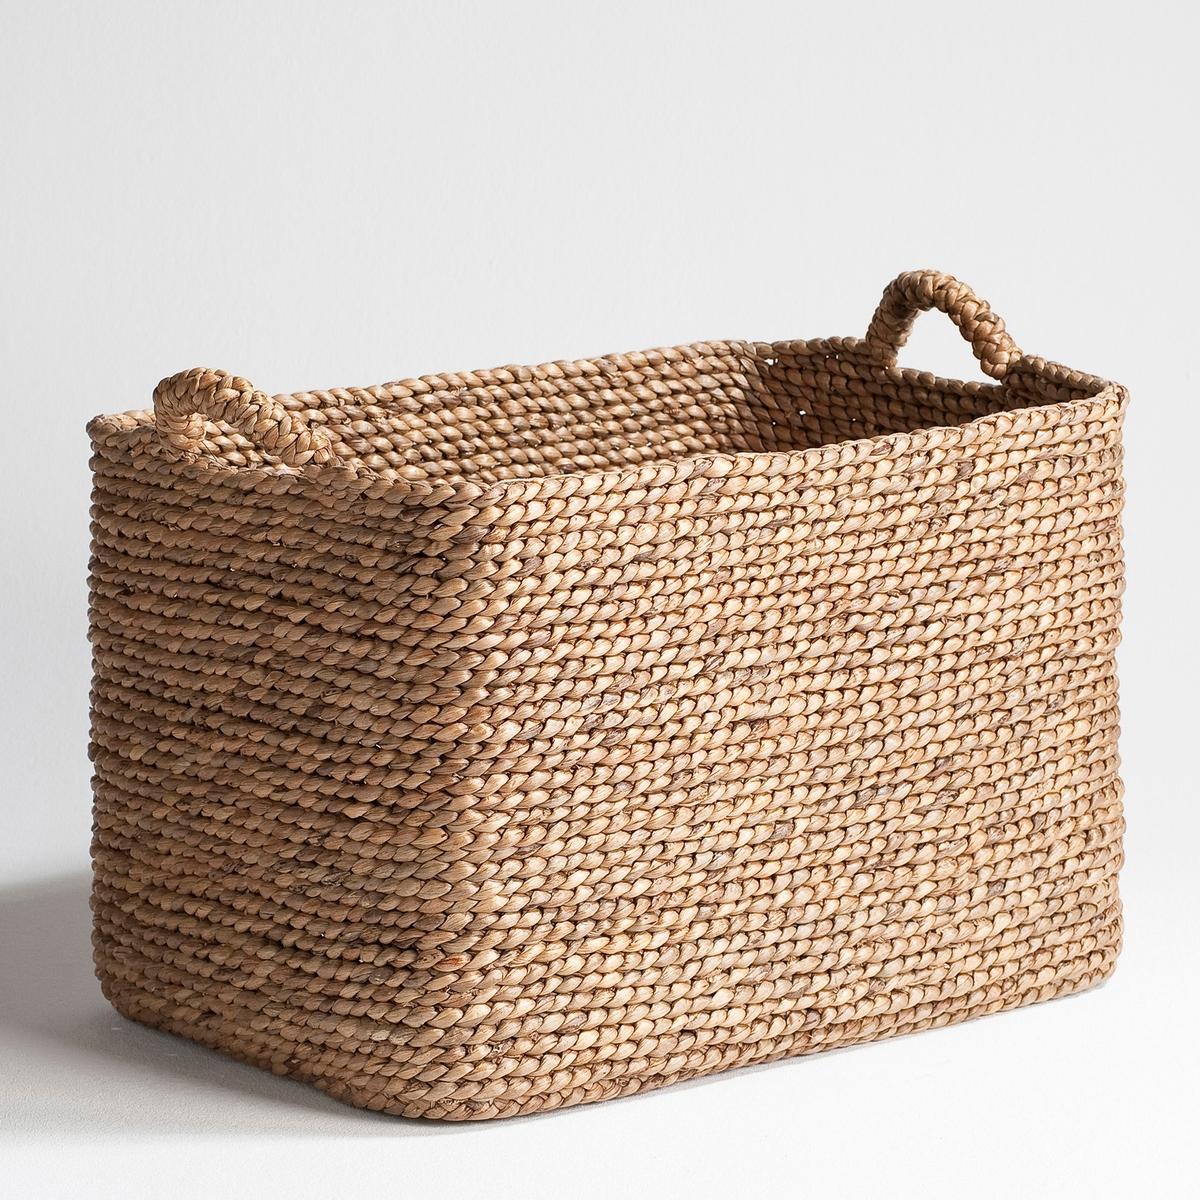 Плетеная корзина Raga прямоугольной формы